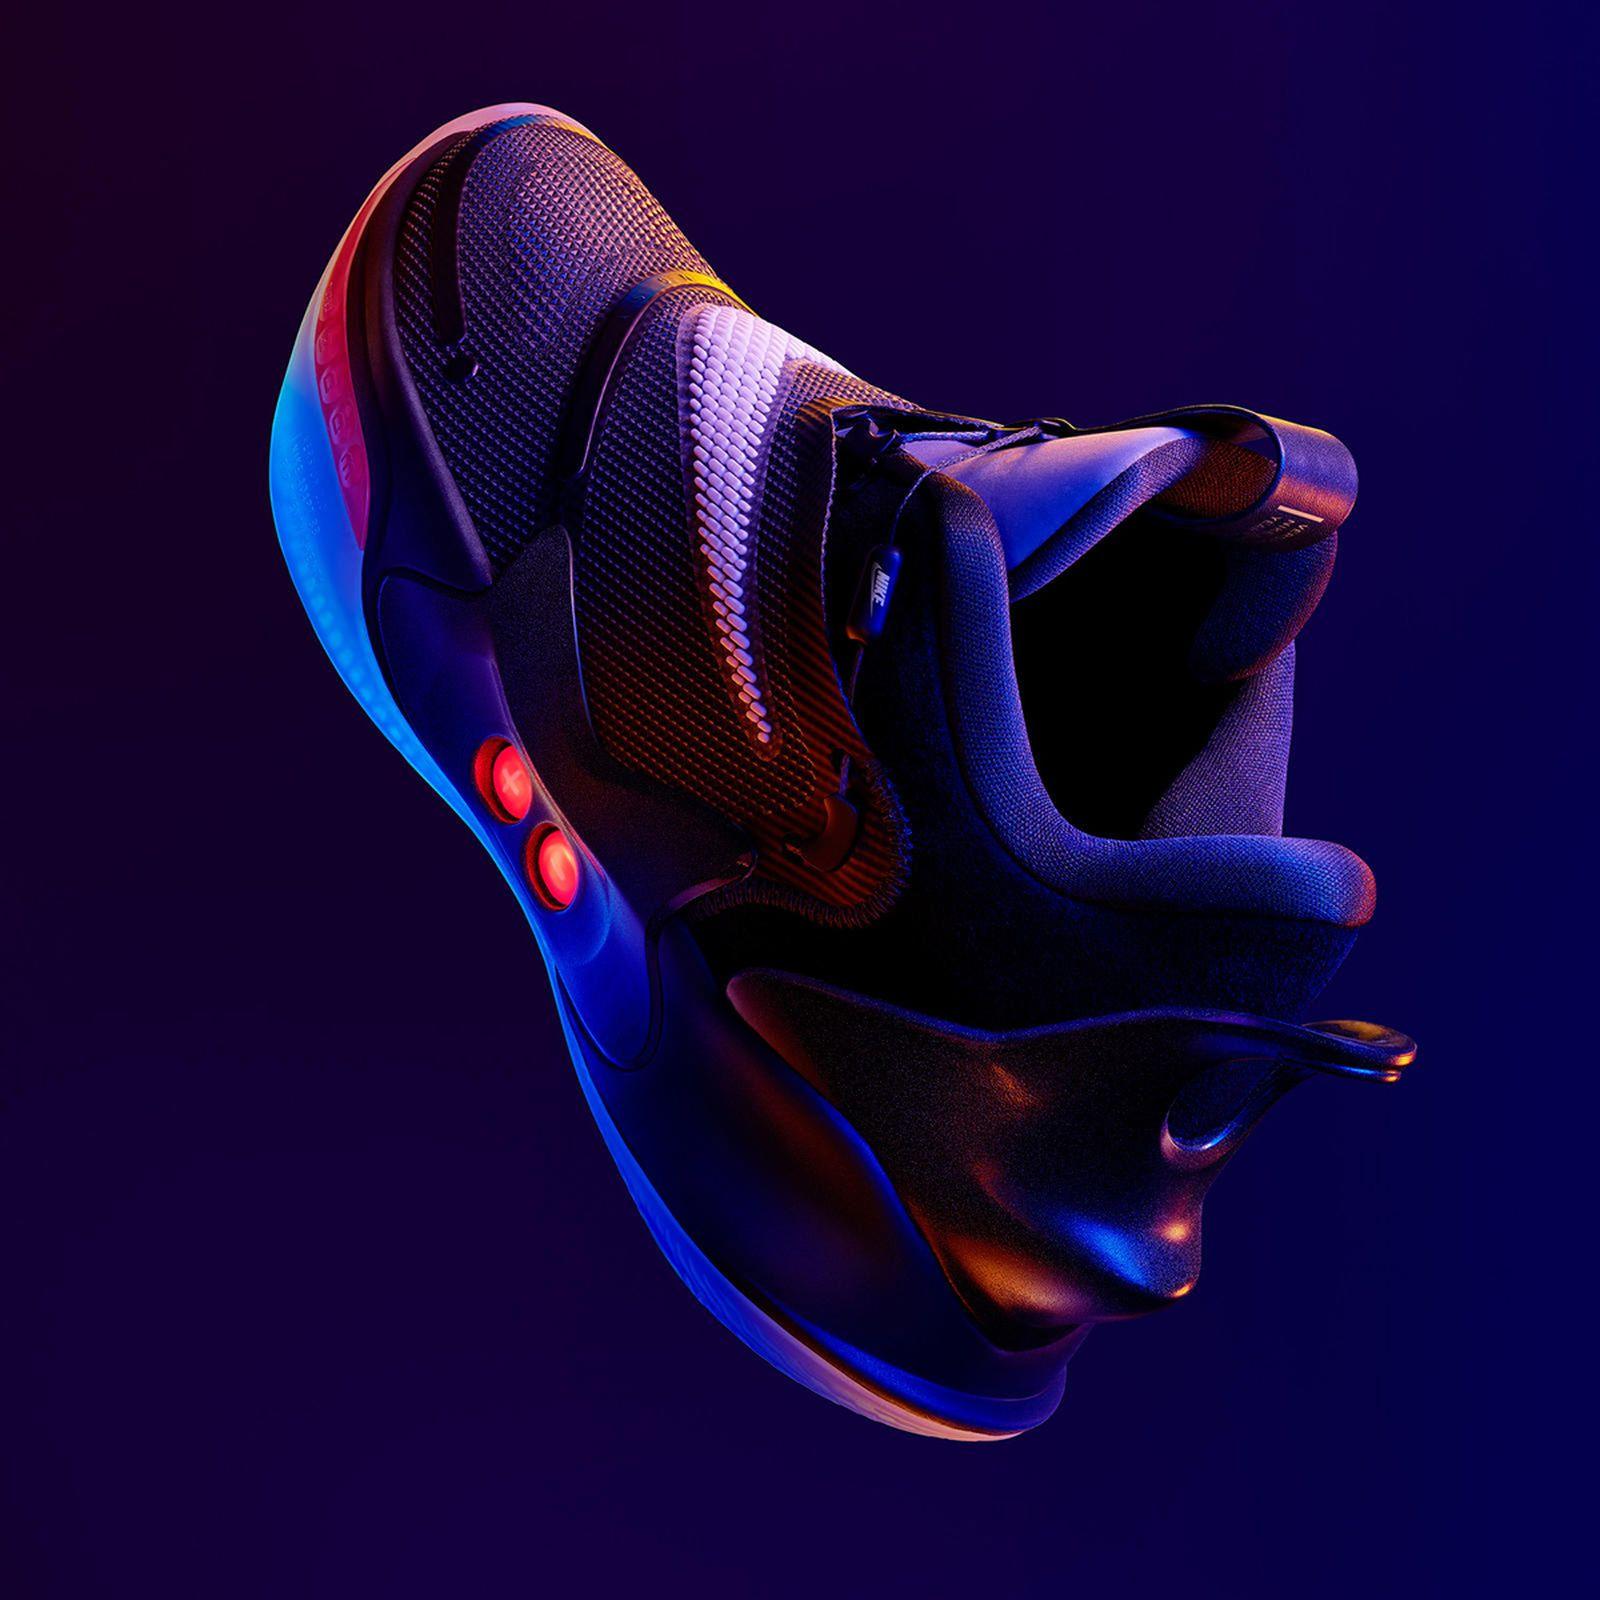 Nike Adapt Bb 2 0 Unveiled By Nba Rookie Ja Morant